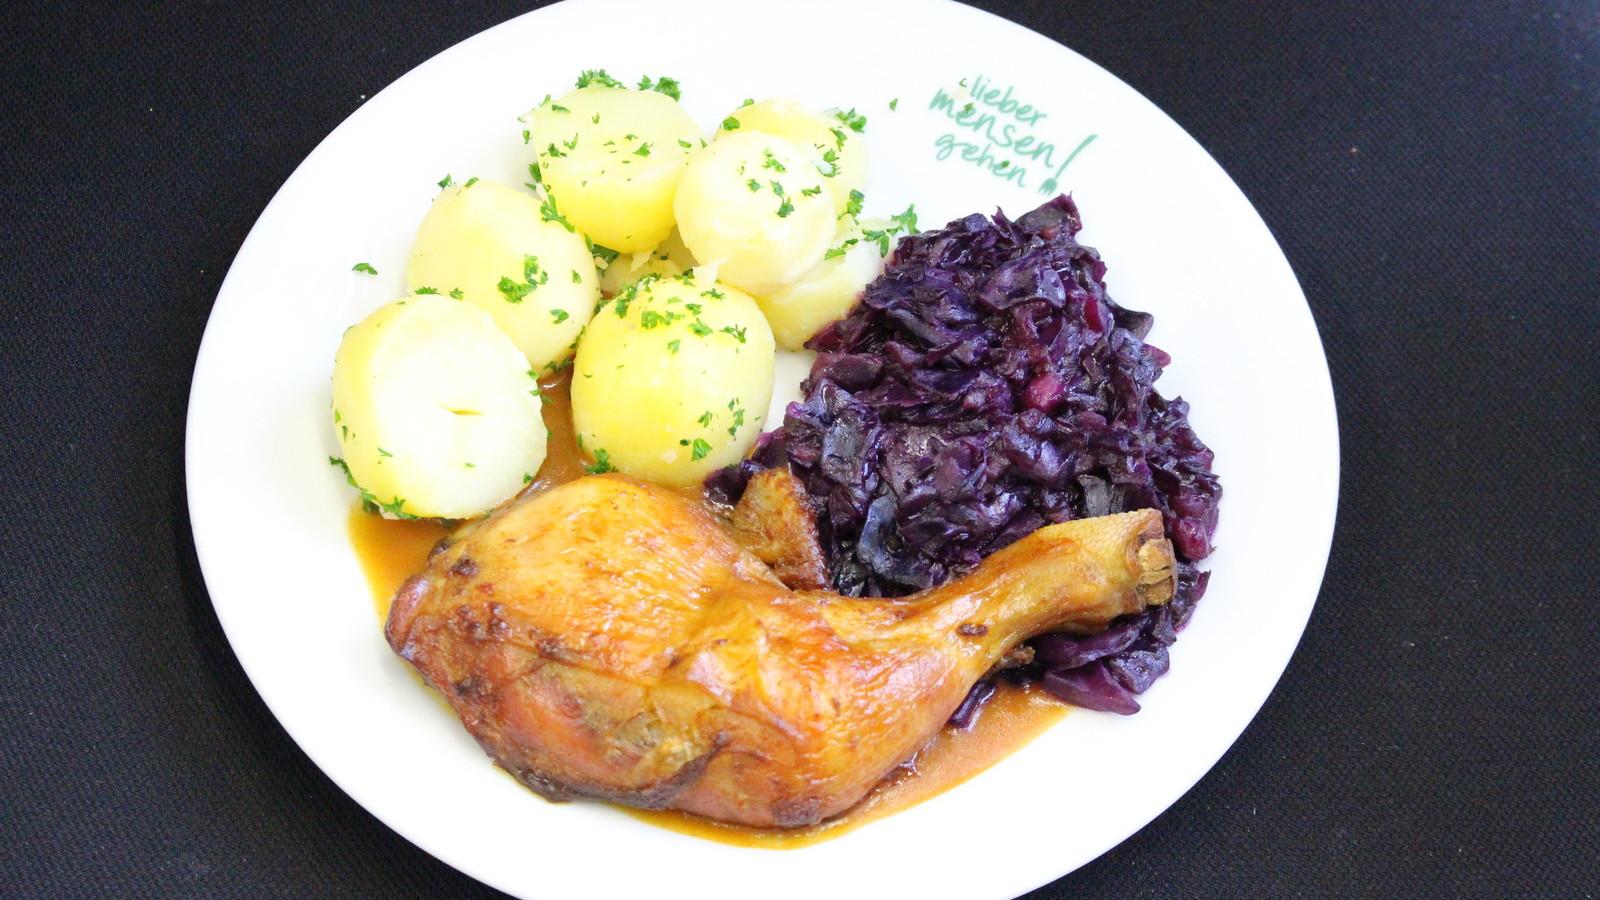 Hähnchenkeule mit Geflügelsoße und Apfelrotkohl, dazu Petersilienkartoffeln